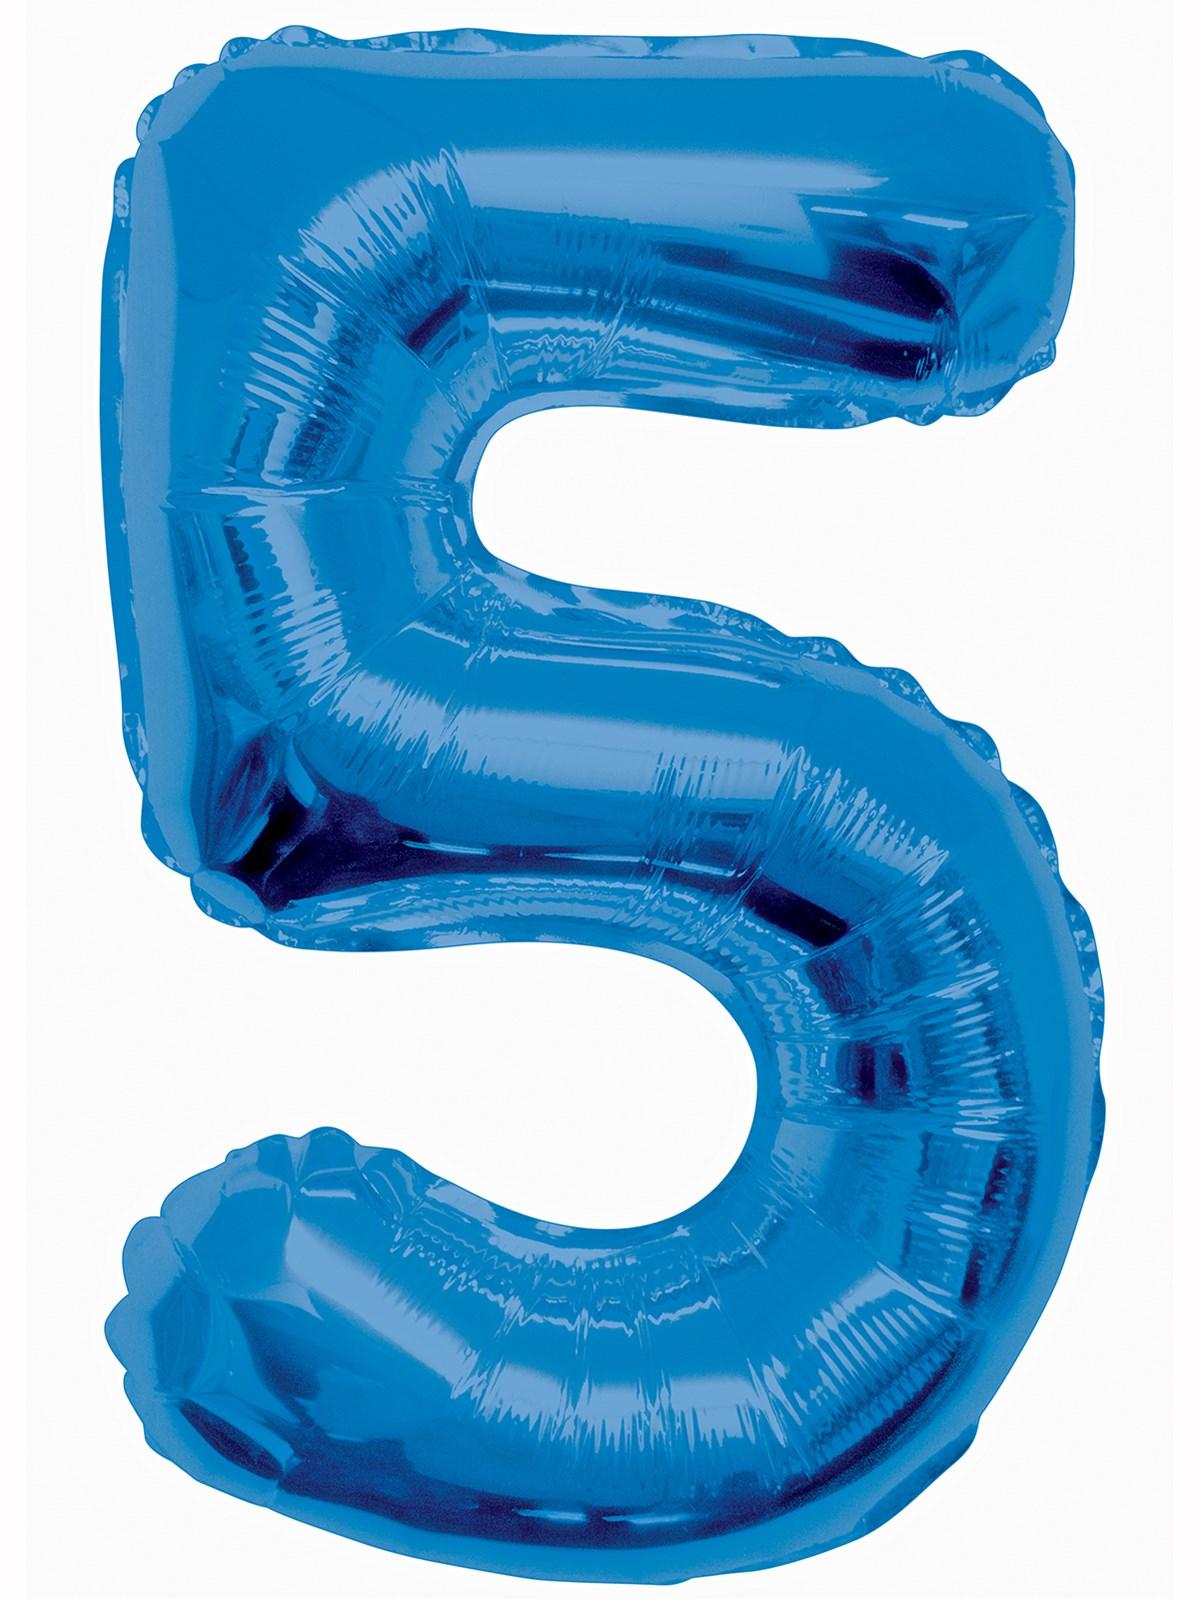 Folieballong 86cm siffra blå 5  49kr